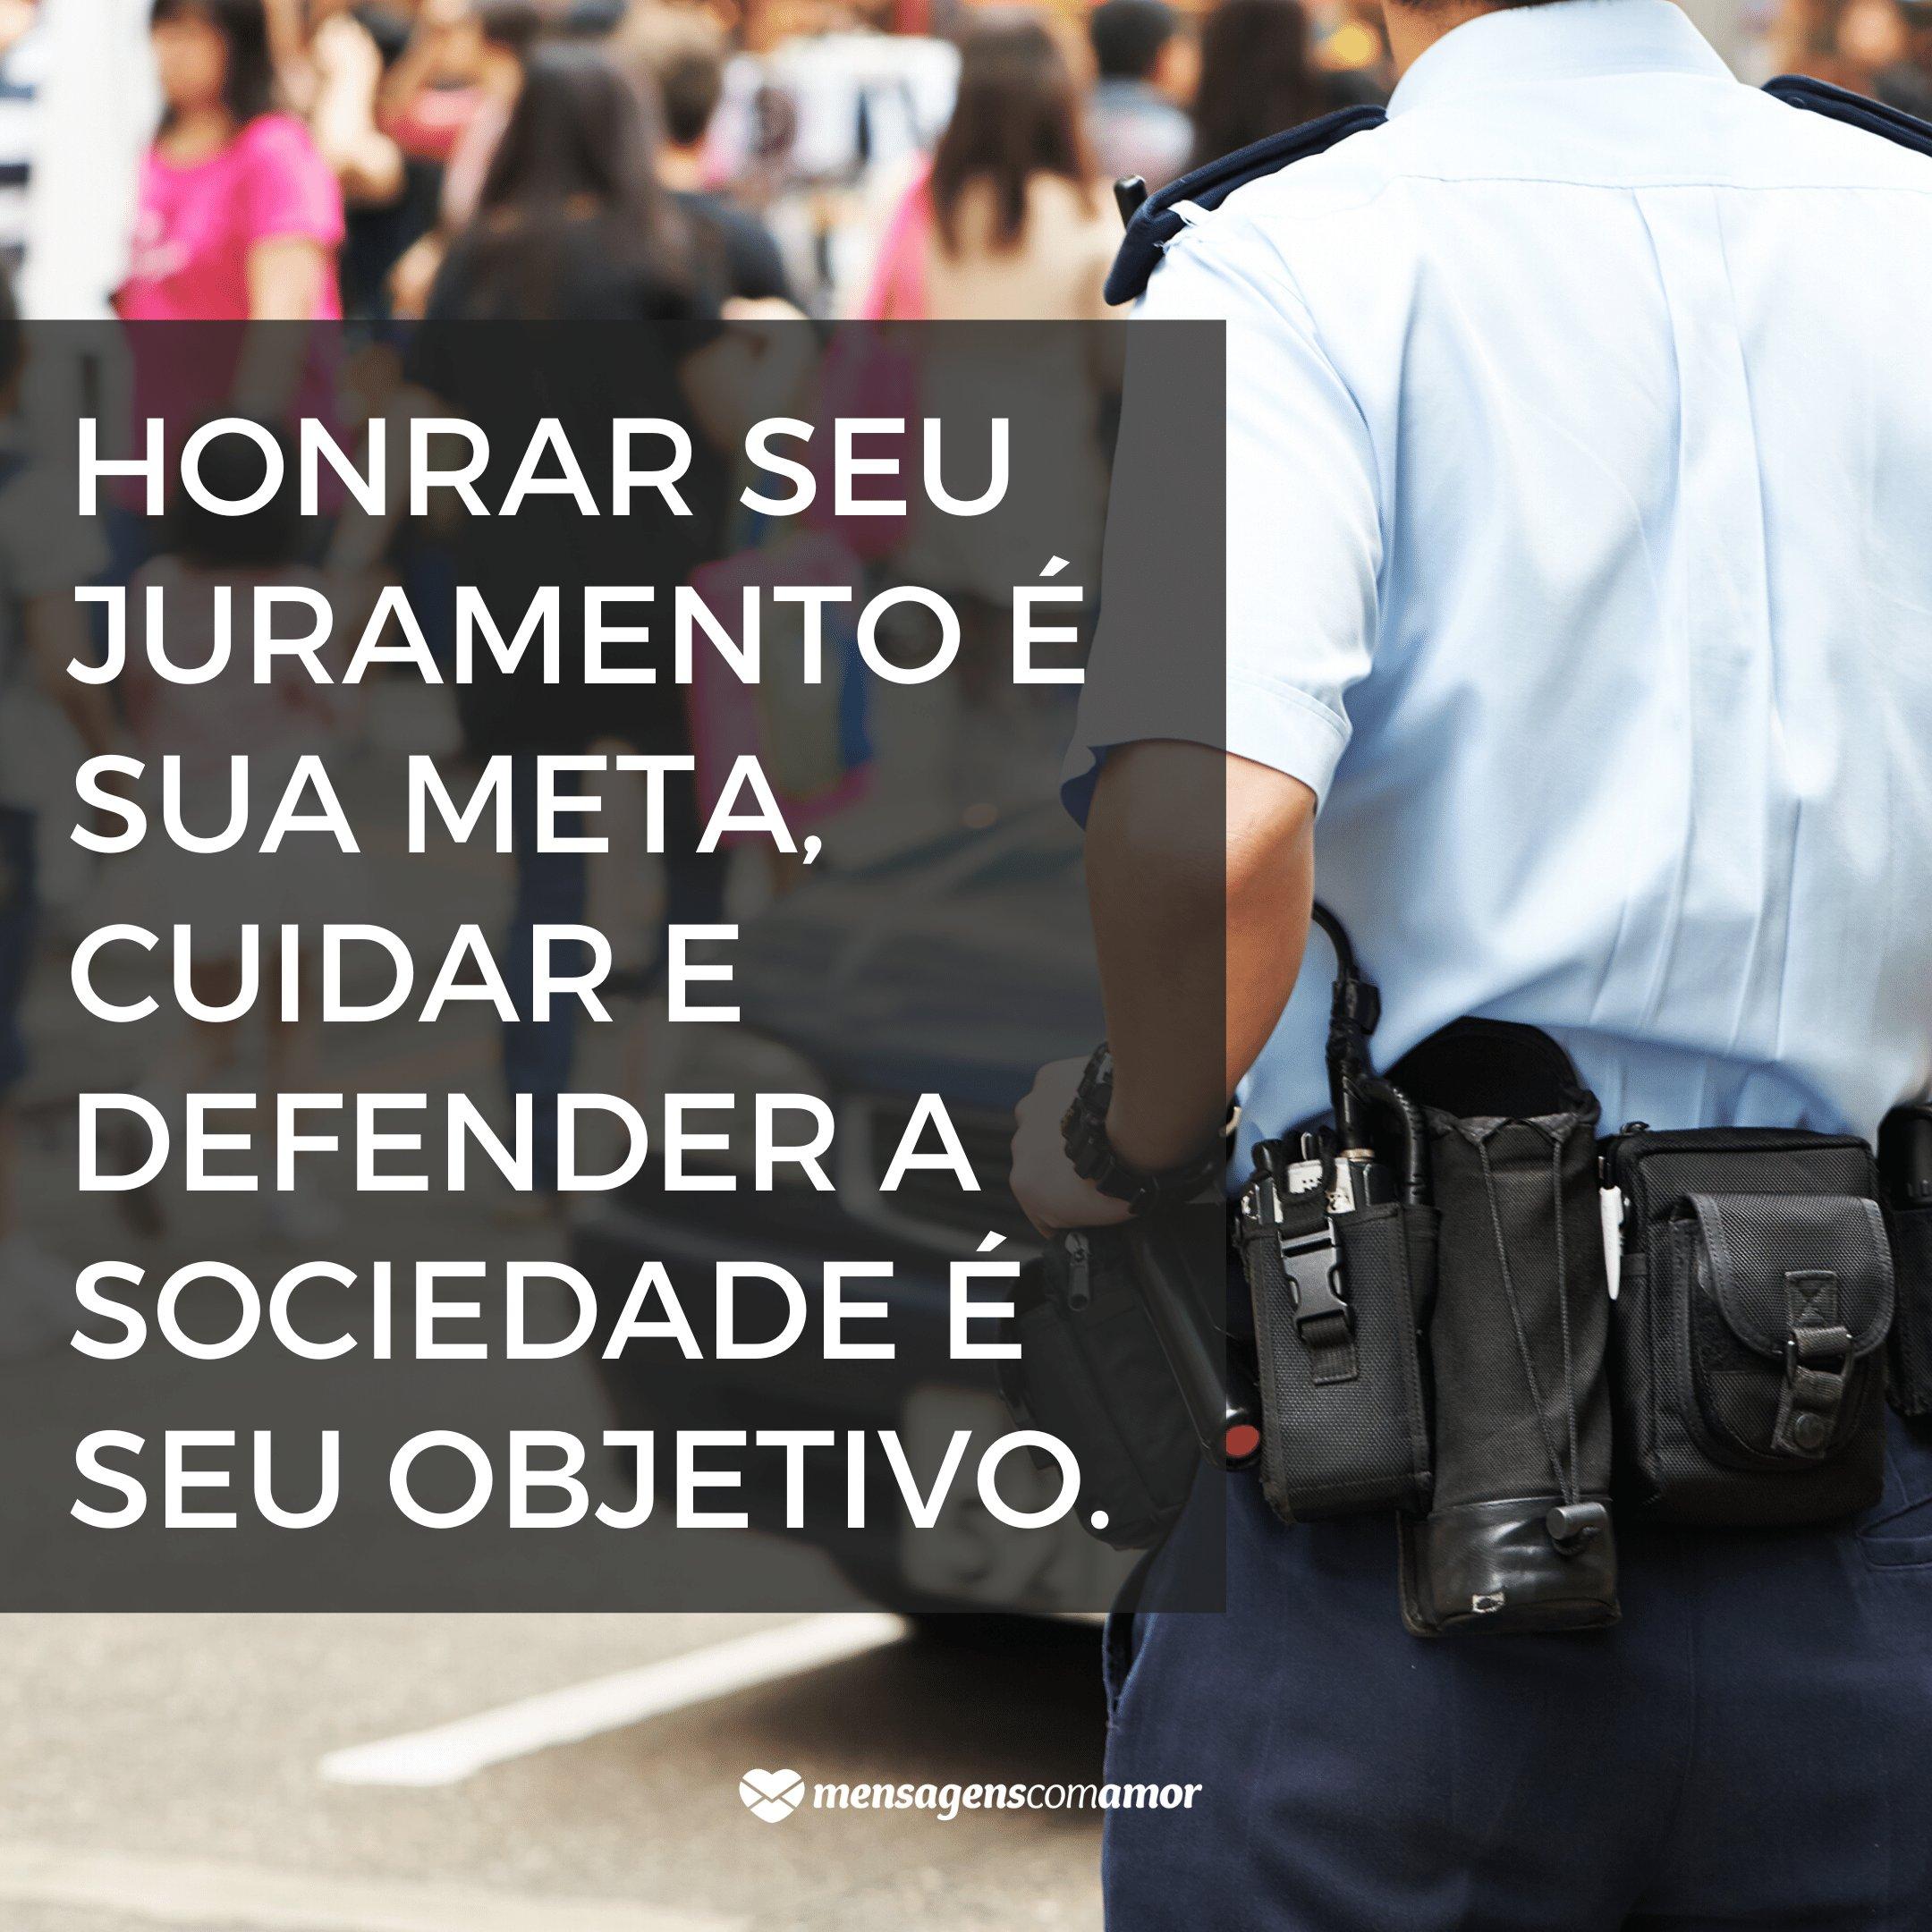 'Honrar seu juramento é sua meta, cuidar e defender a sociedade é seu objetivo.' -  Frases sobre Polícia